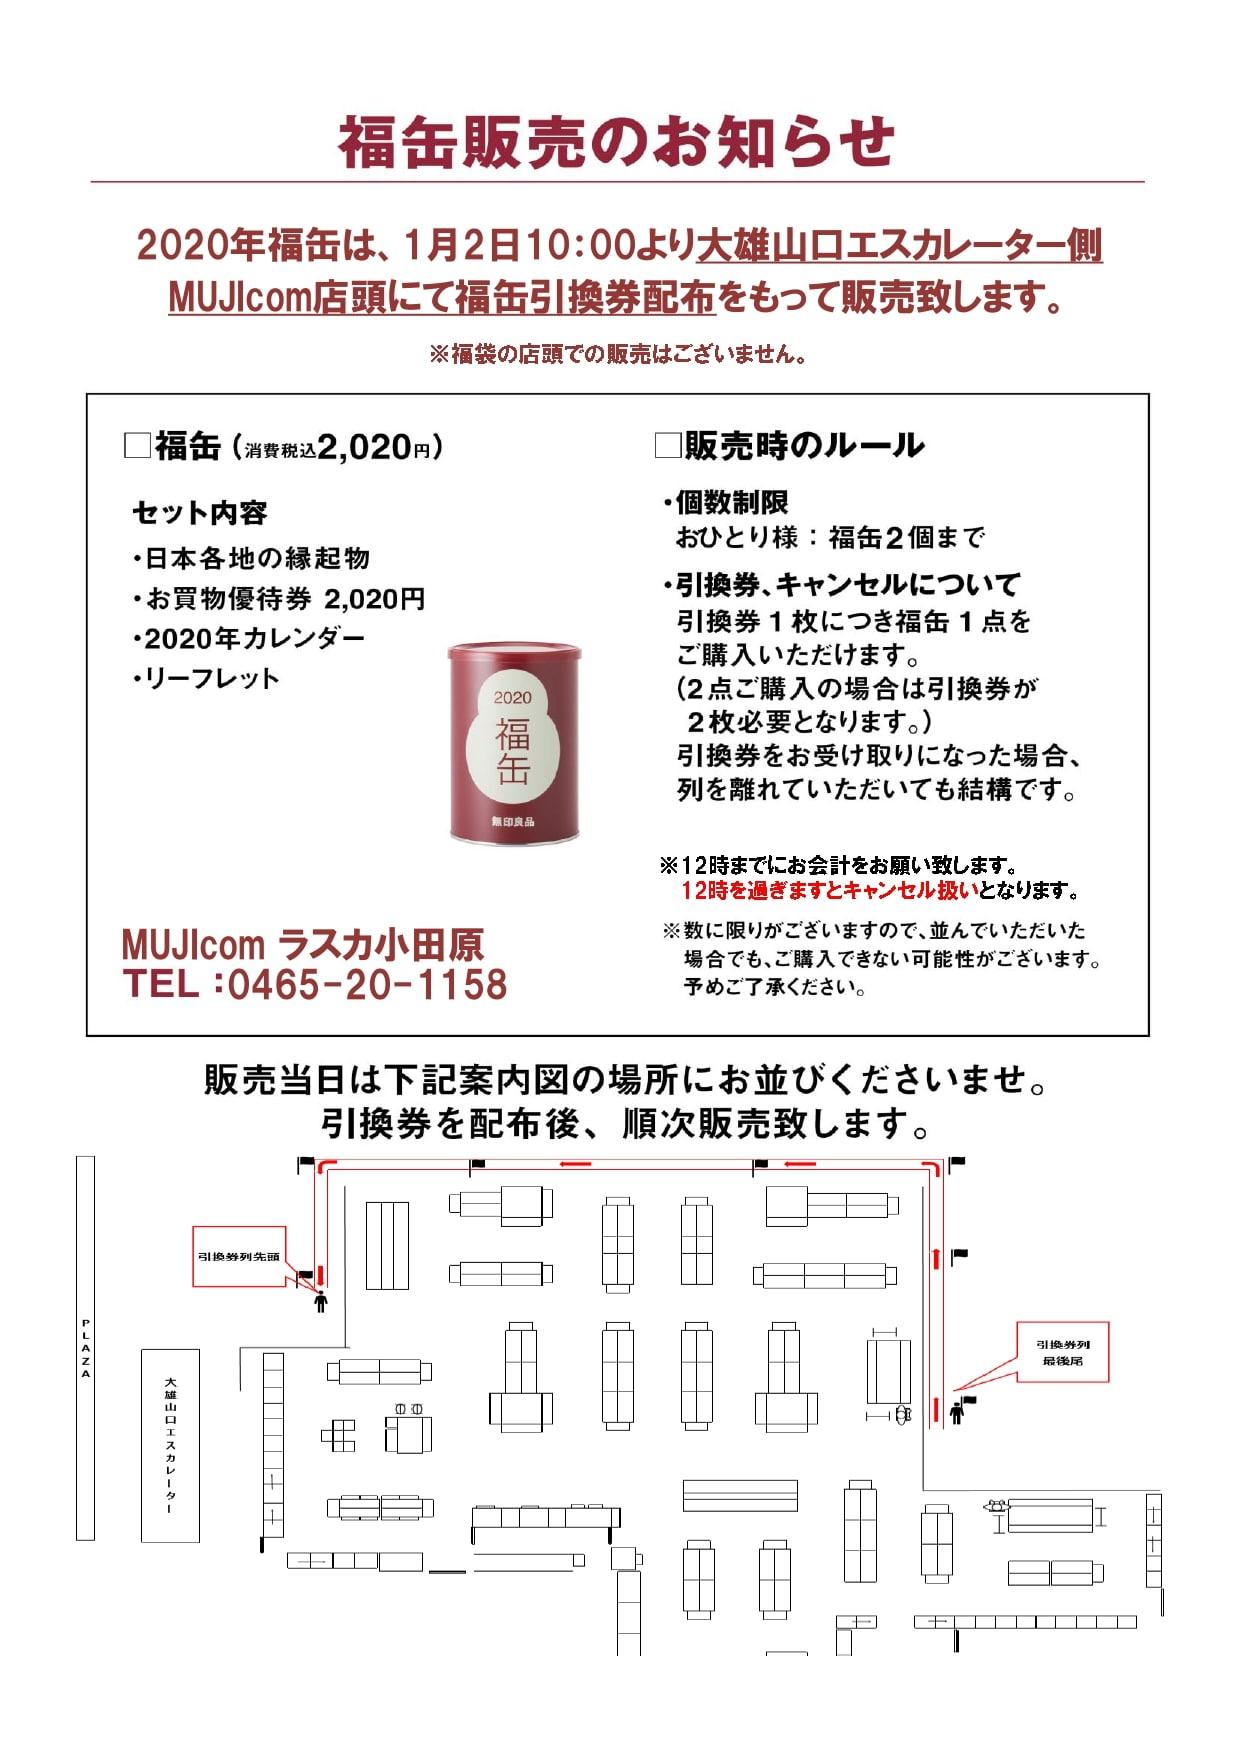 キービジュアル画像:【MUJIcom ラスカ小田原】年末年始の営業時間と福缶販売のお知らせ